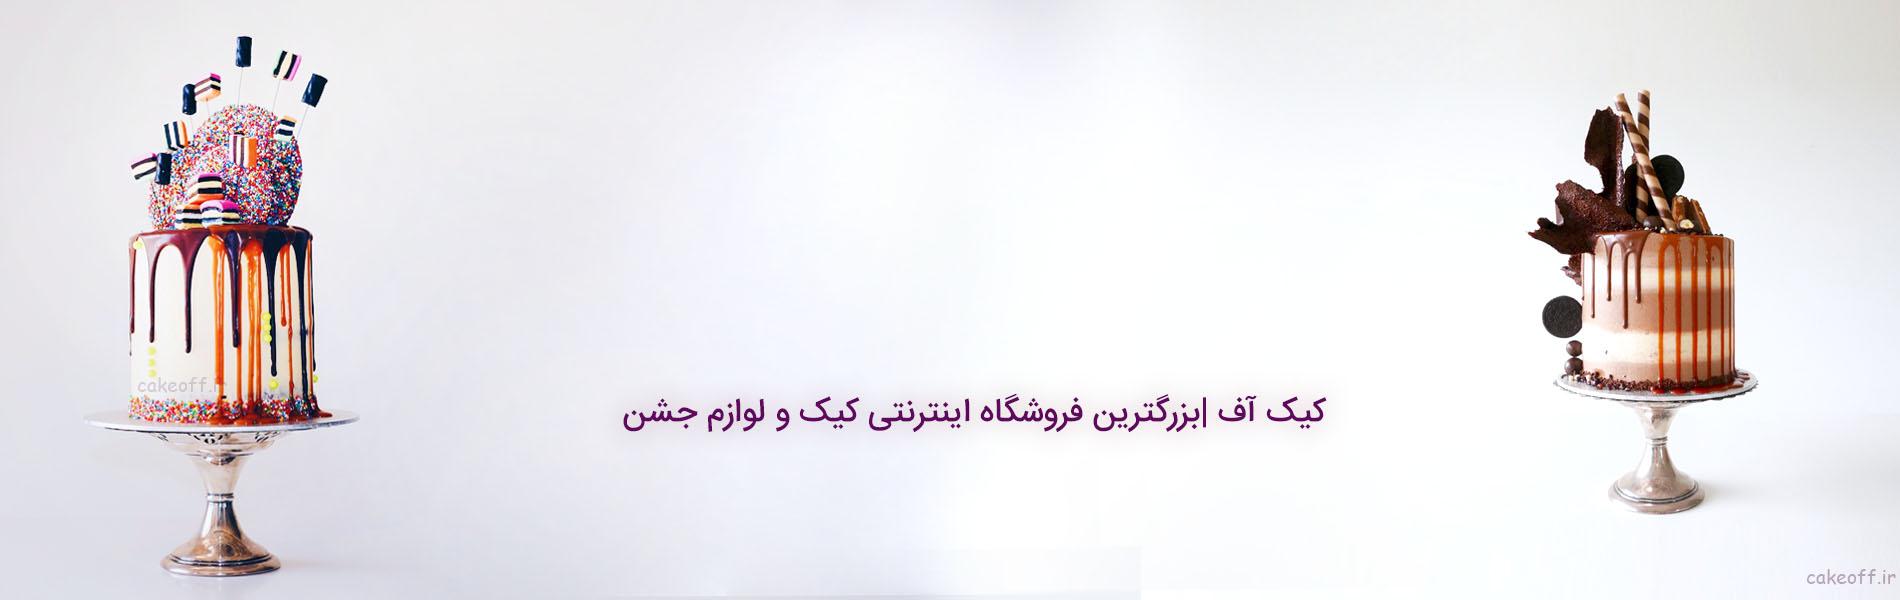 خرید اینترنتی انواع کیک و لوازم جشن در کیک آُف، بهترین شیرینی فروشی در اصفهان